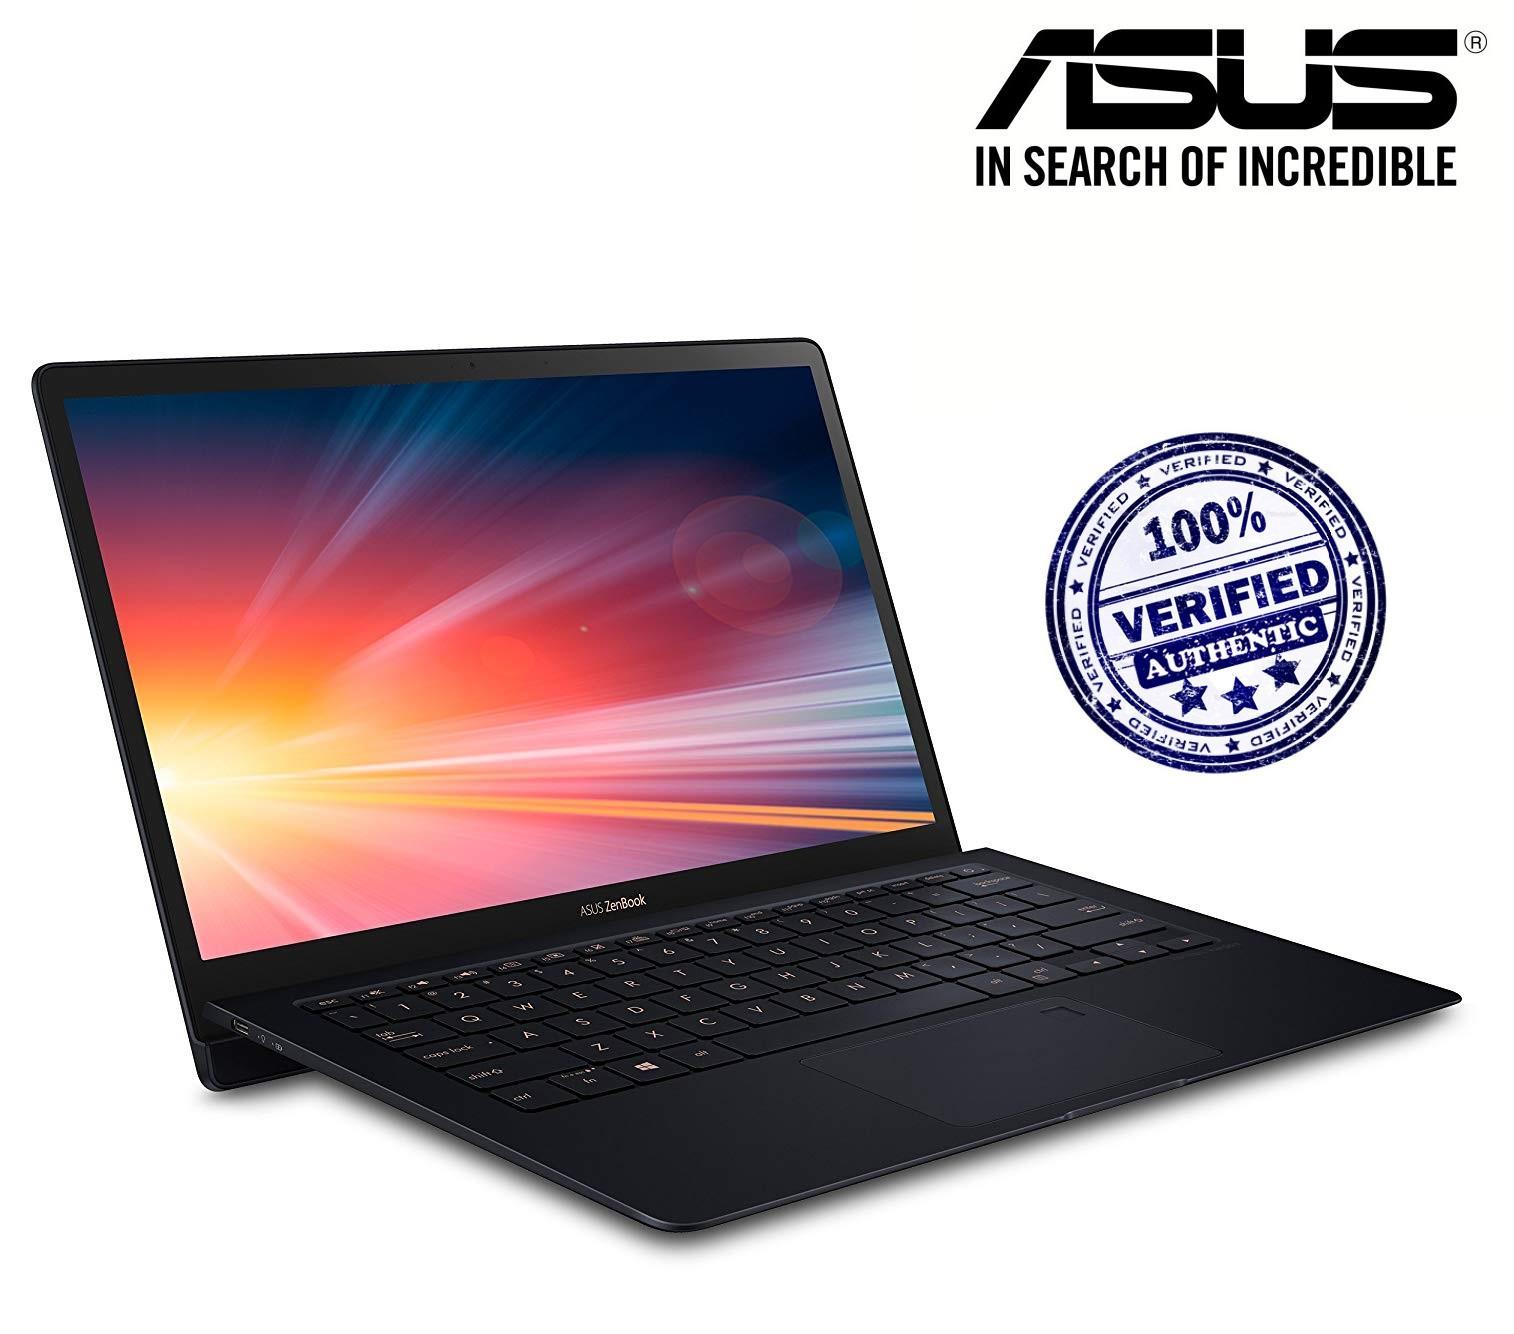 New ASUS Zenbook S UX391FA - i7-8565u,16GB,512 SSD,WIN10